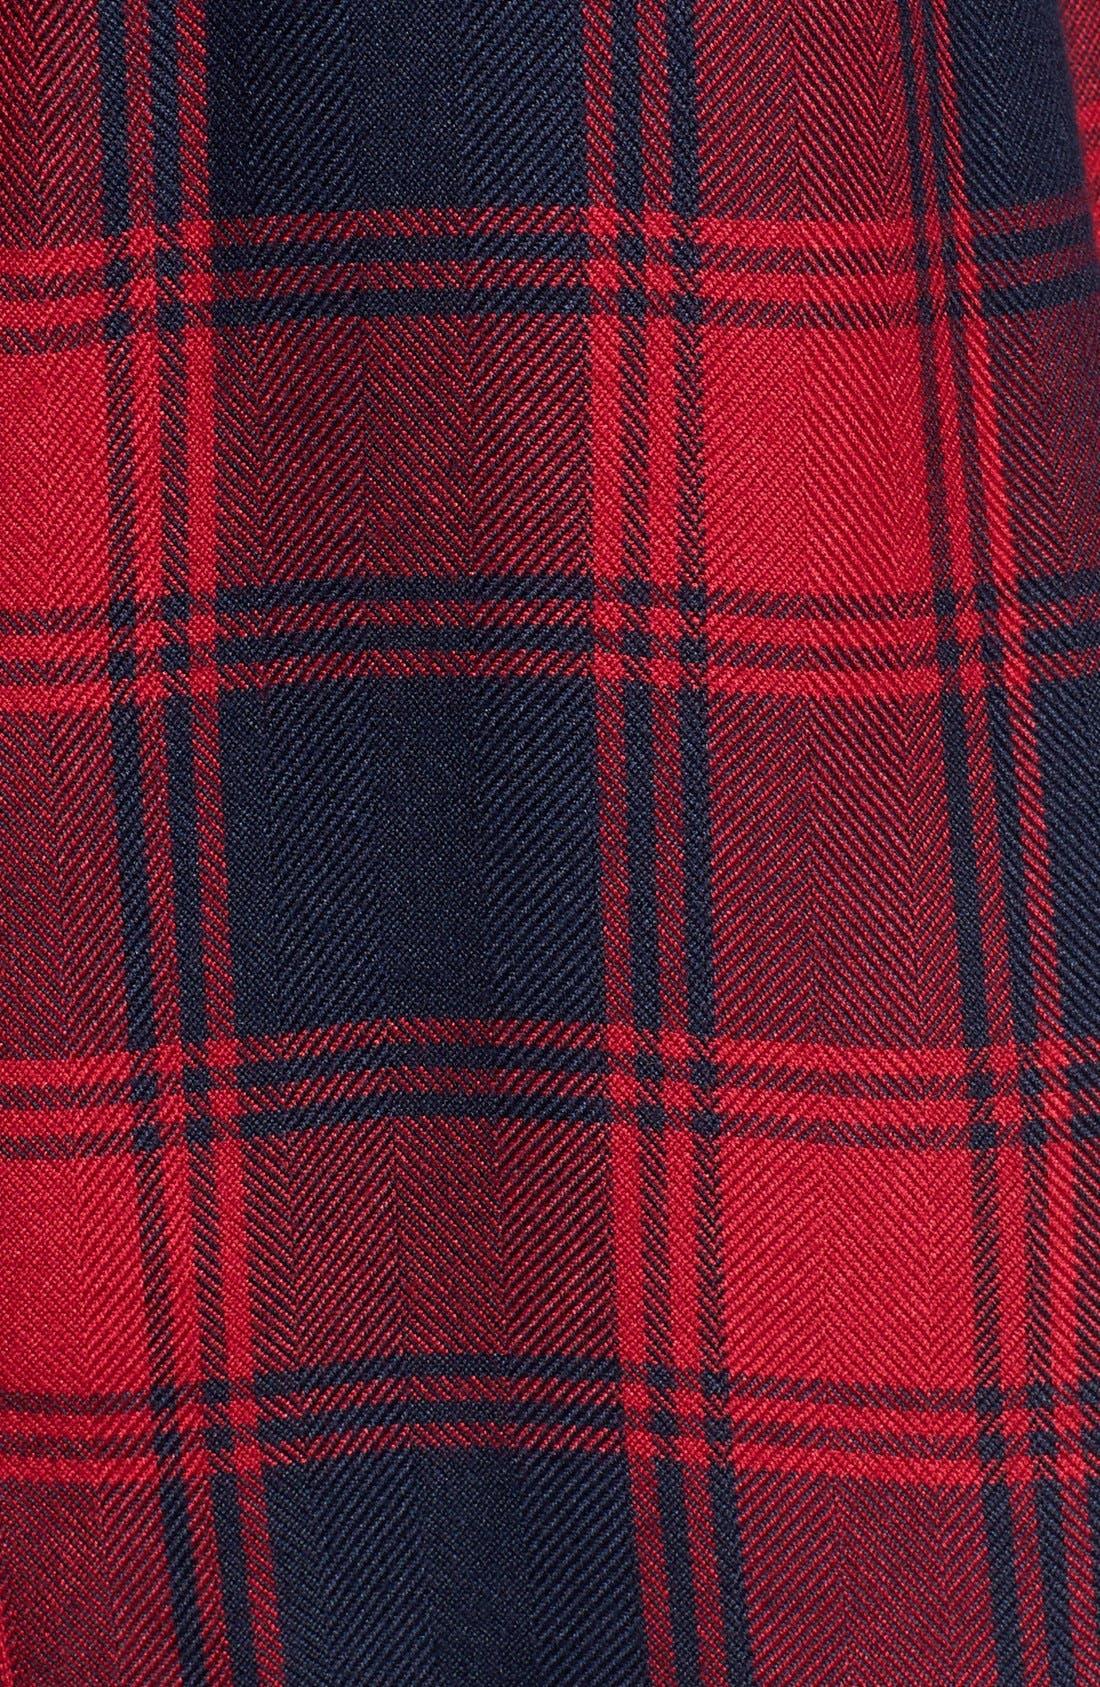 Hunter Plaid Shirt,                             Alternate thumbnail 263, color,